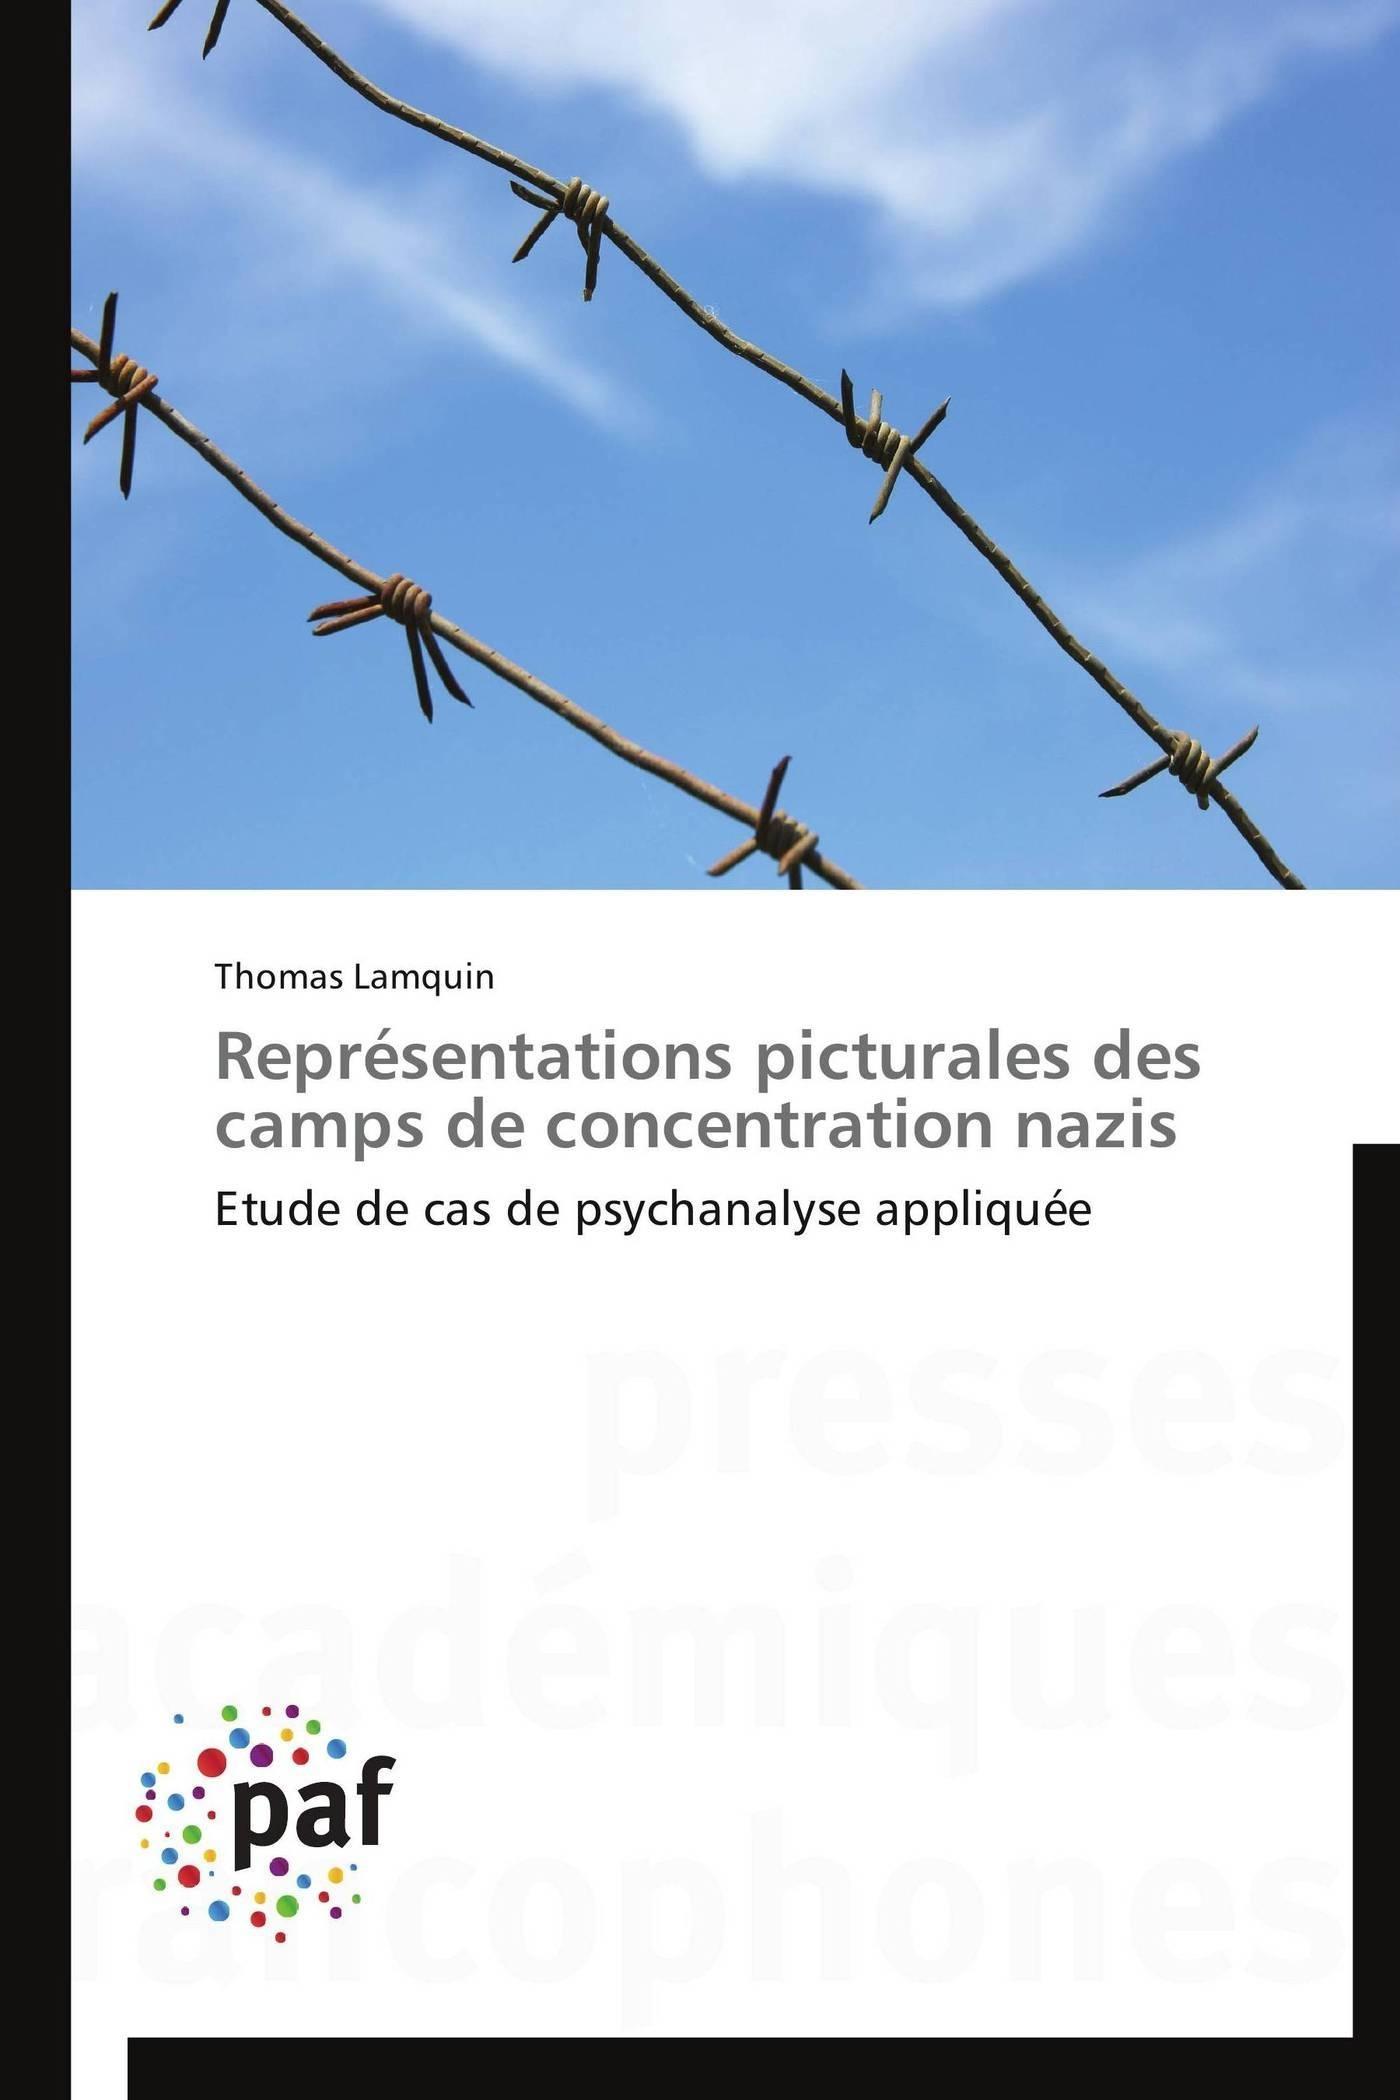 REPRESENTATIONS PICTURALES DES CAMPS DE CONCENTRATION NAZIS